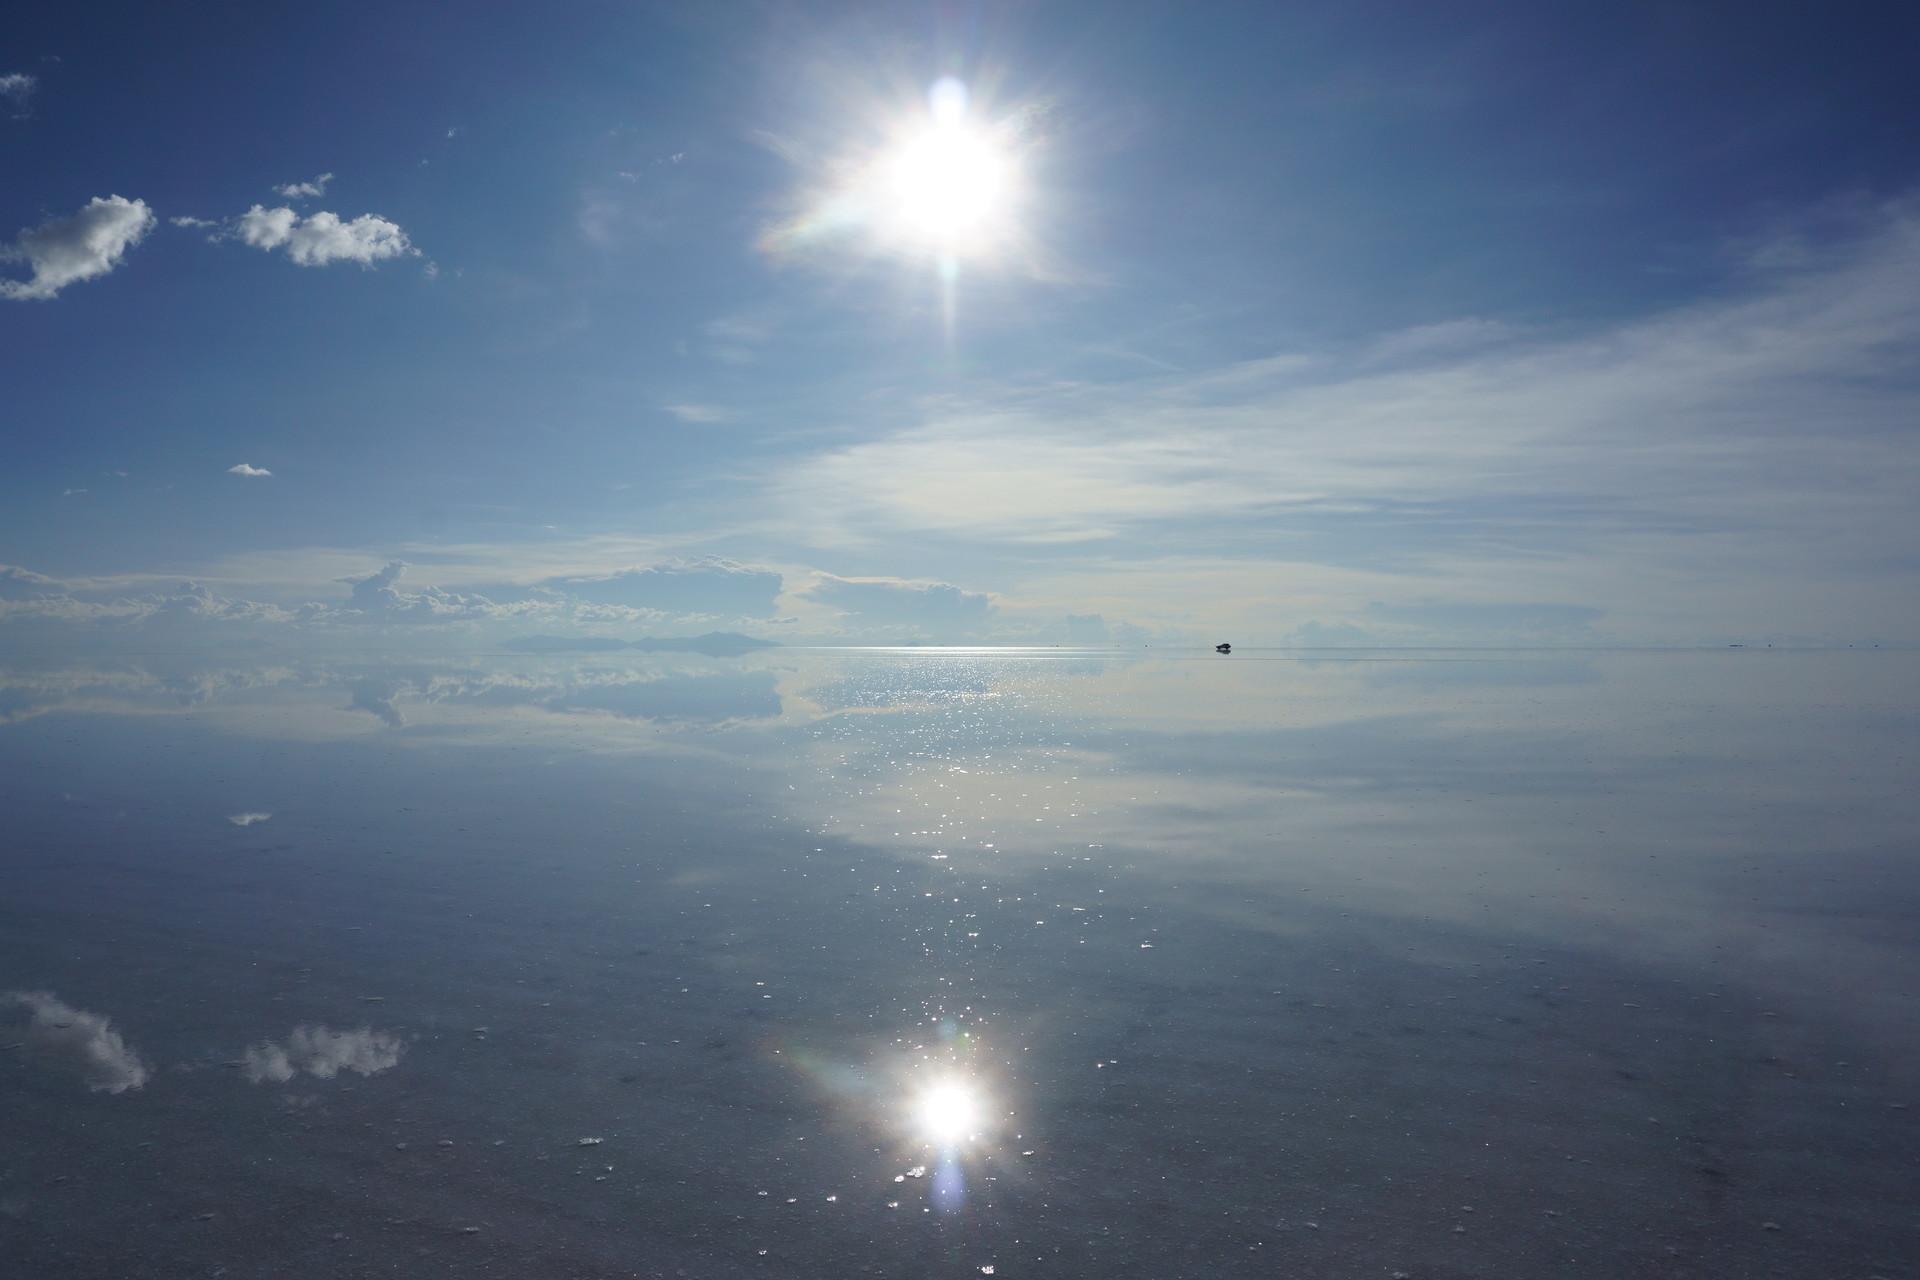 ボリビア ウユニ塩湖 サンセットサンライズ 晴天2